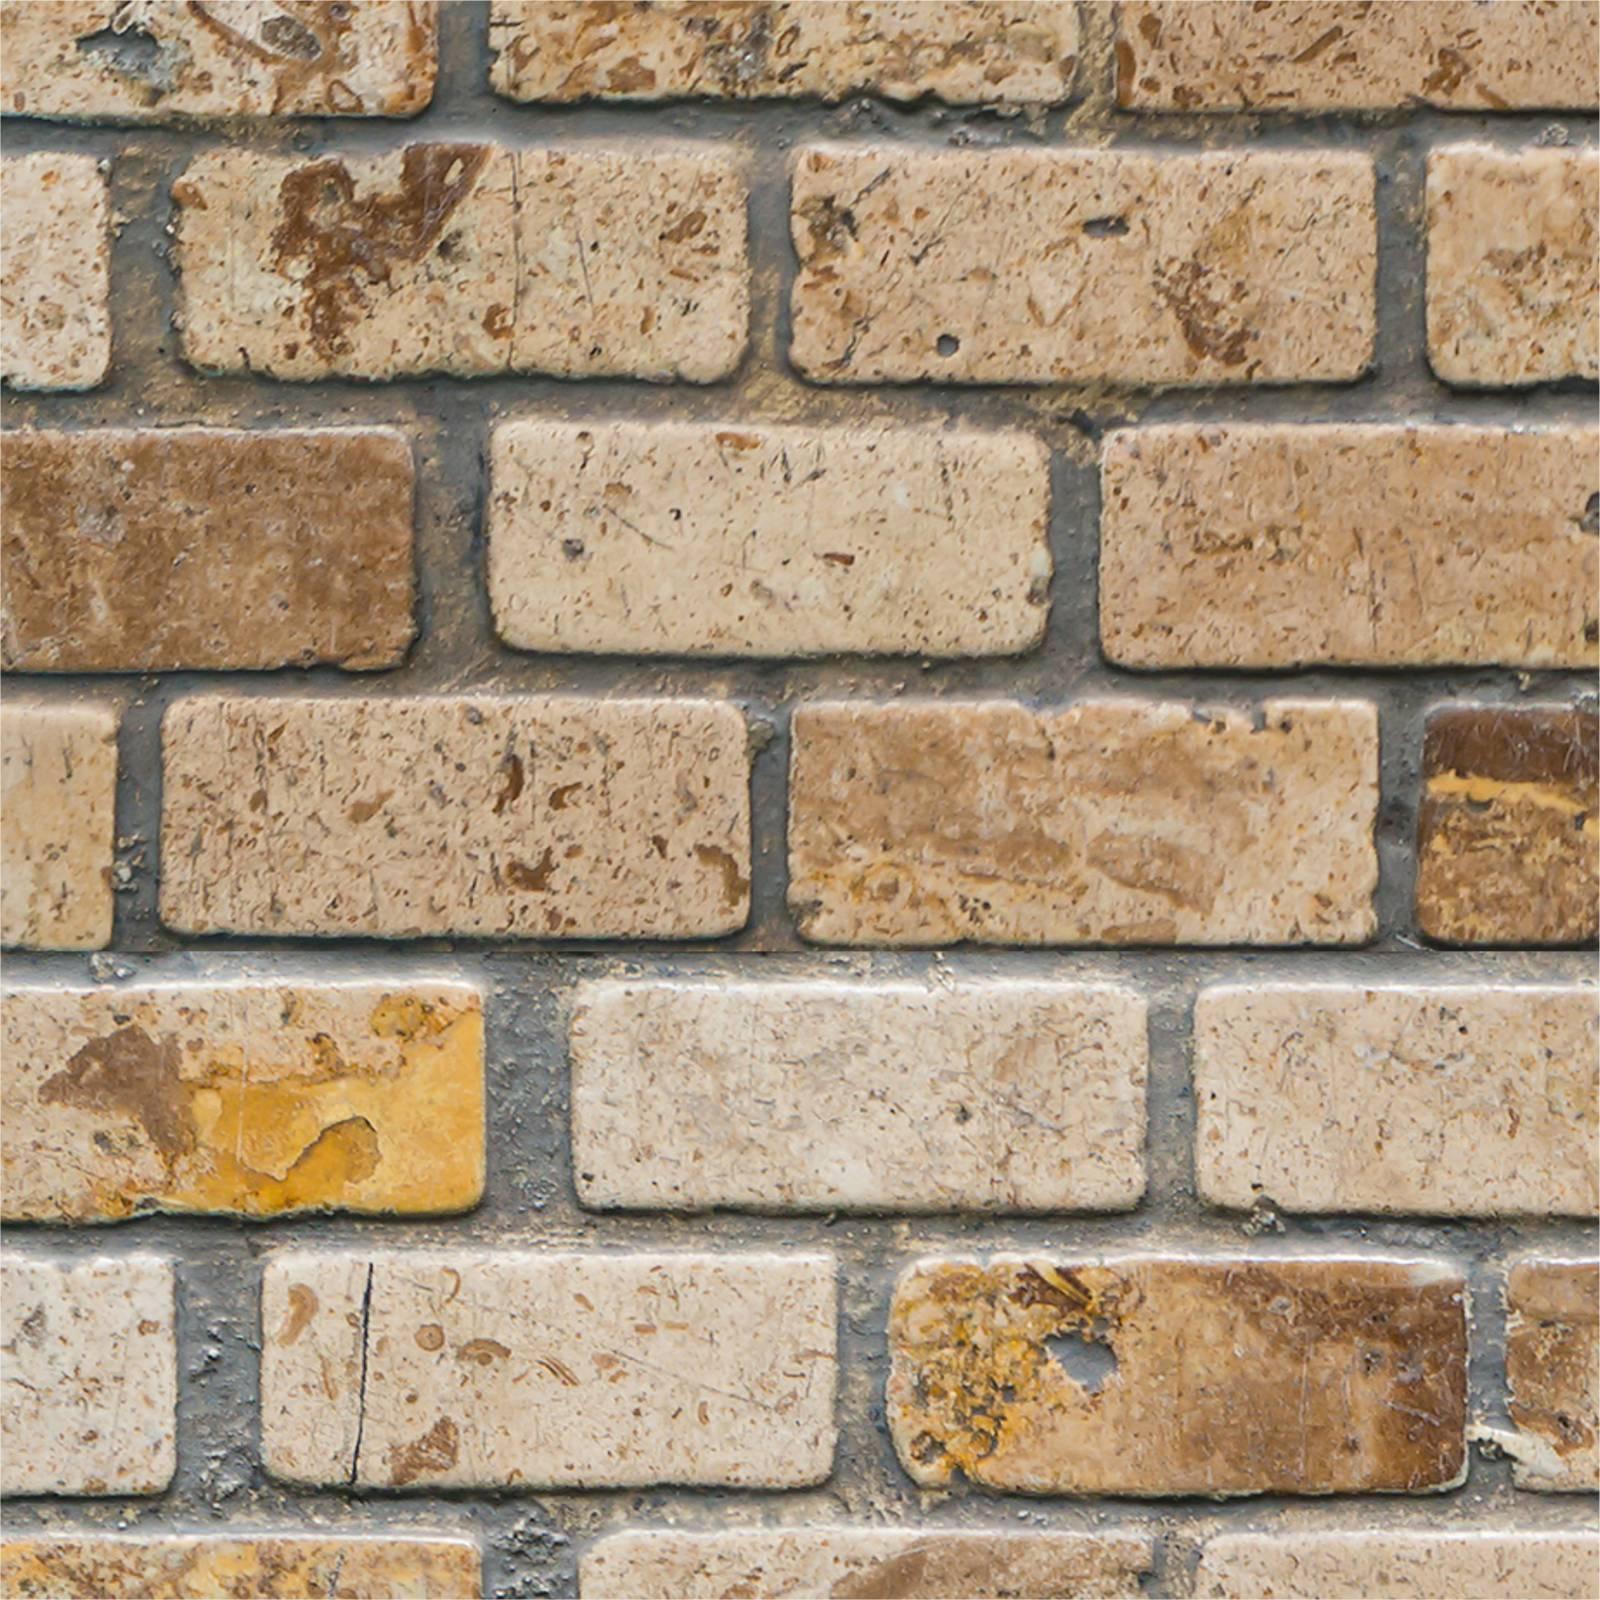 Papel de Parede Tijolo Rustico 20 | Adesivo Vinilico  imagem 2